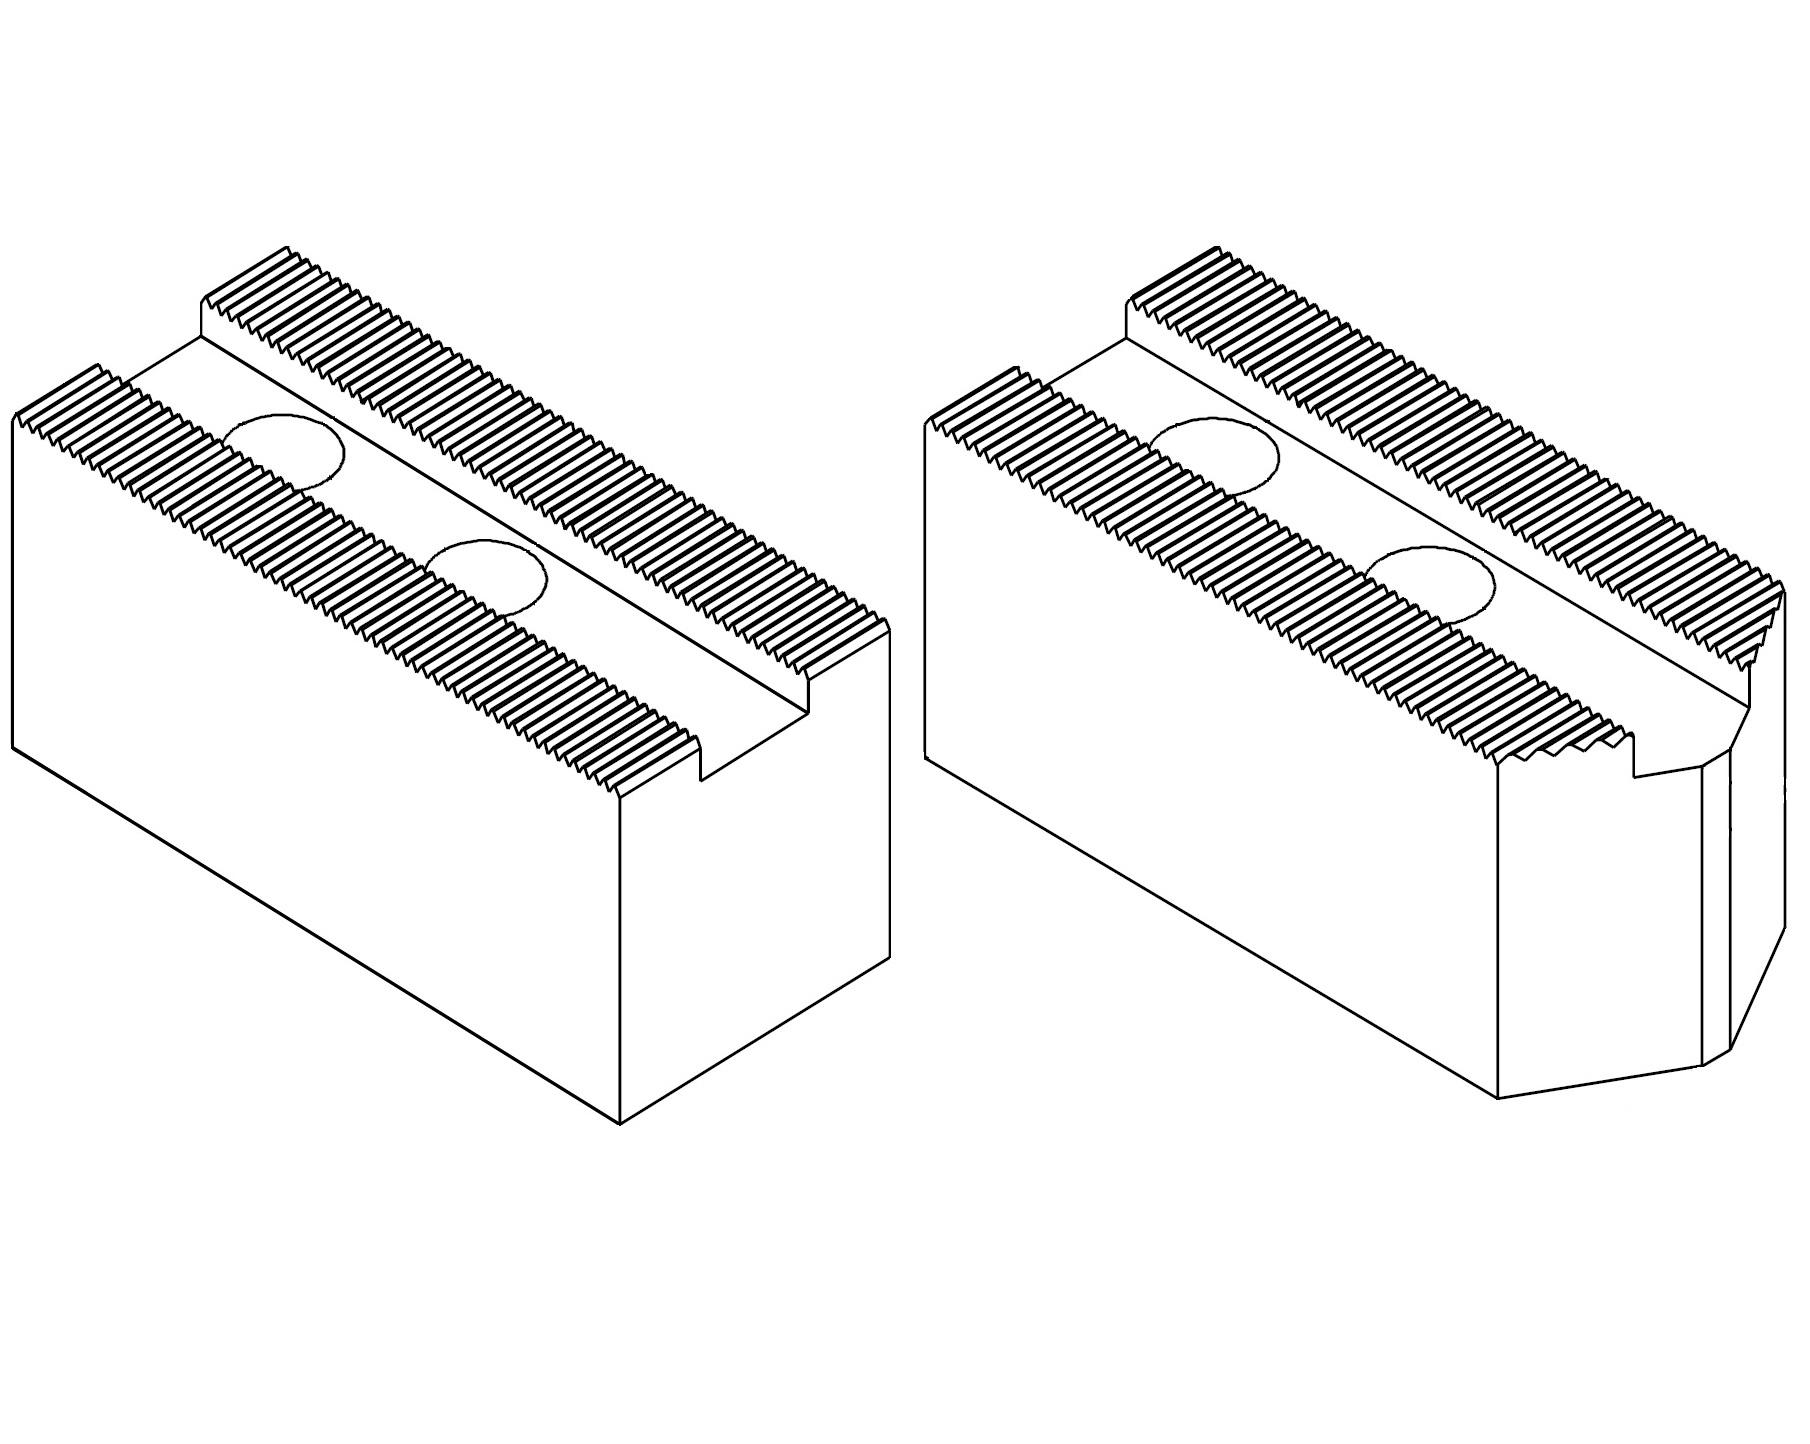 Čelisti měkké 3x60°, šířka drážky - 22 mm